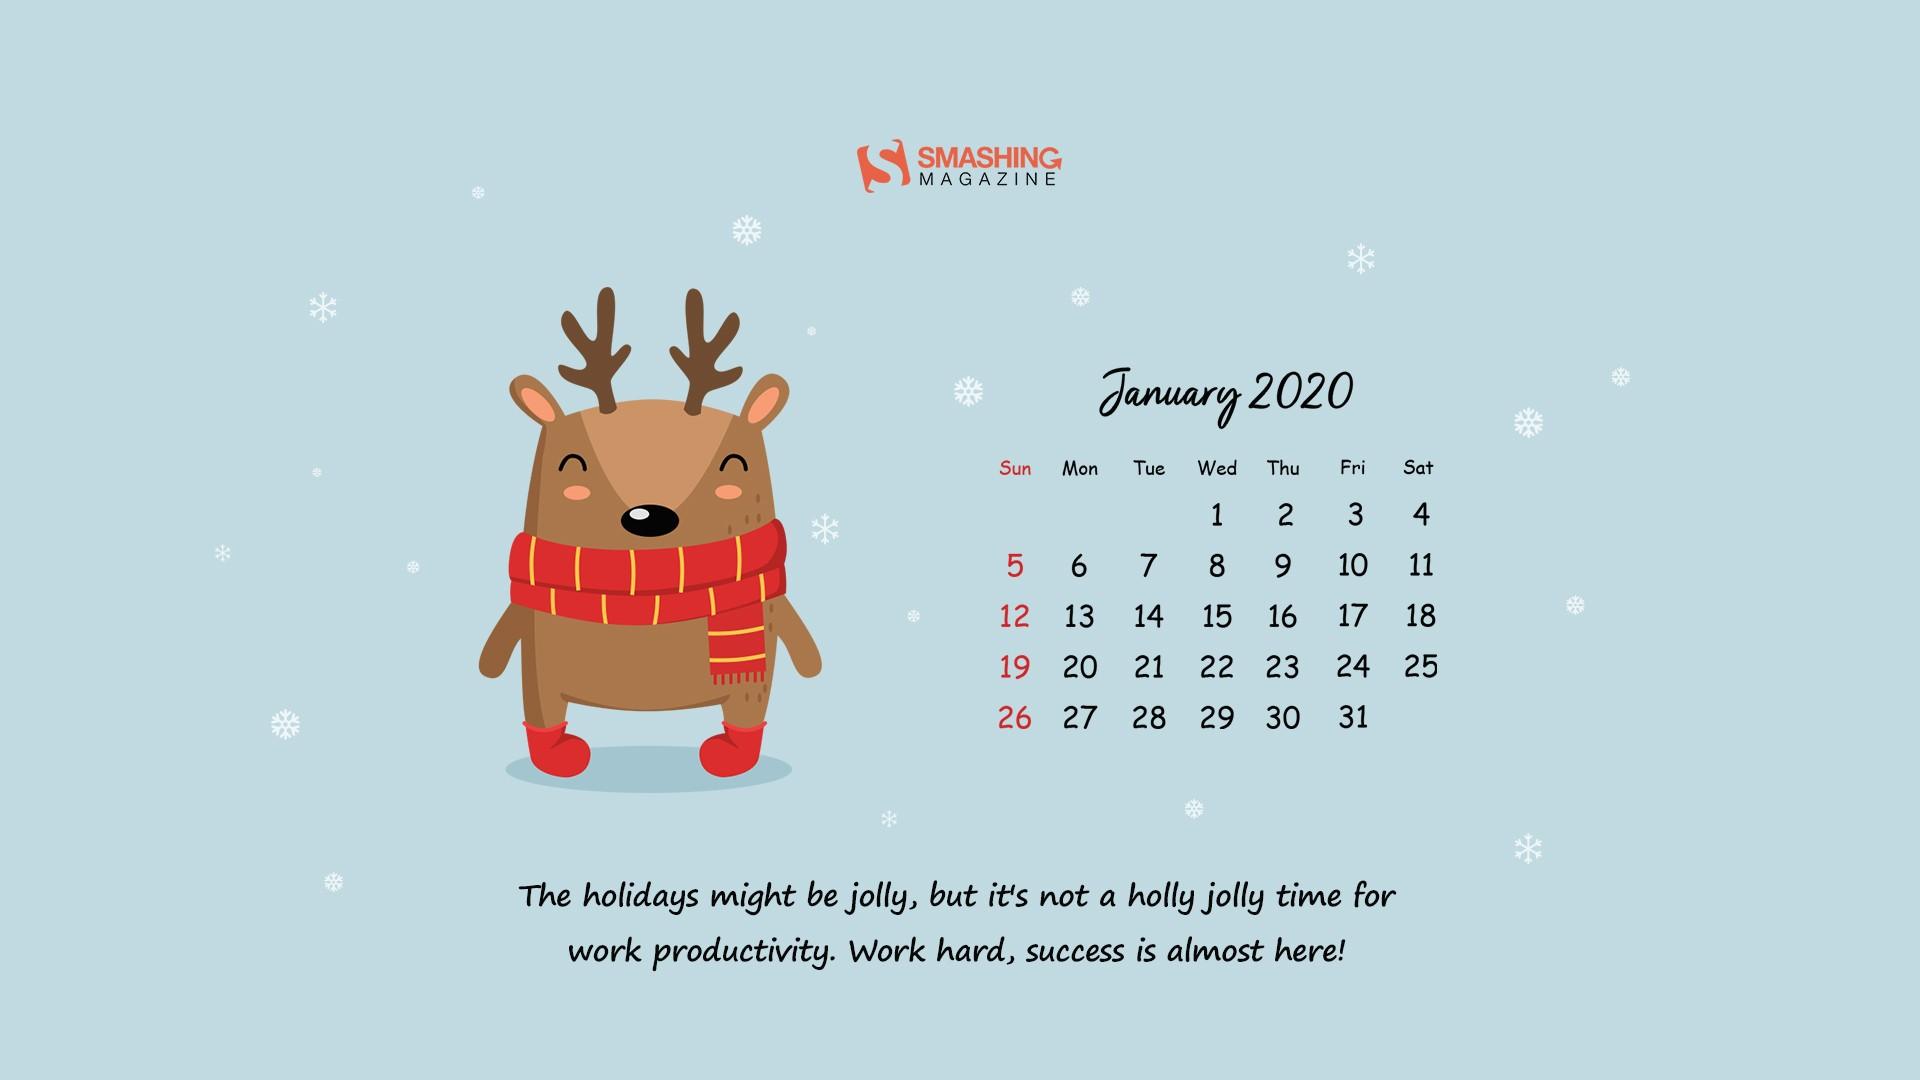 jan 20 new year new beginnings cal